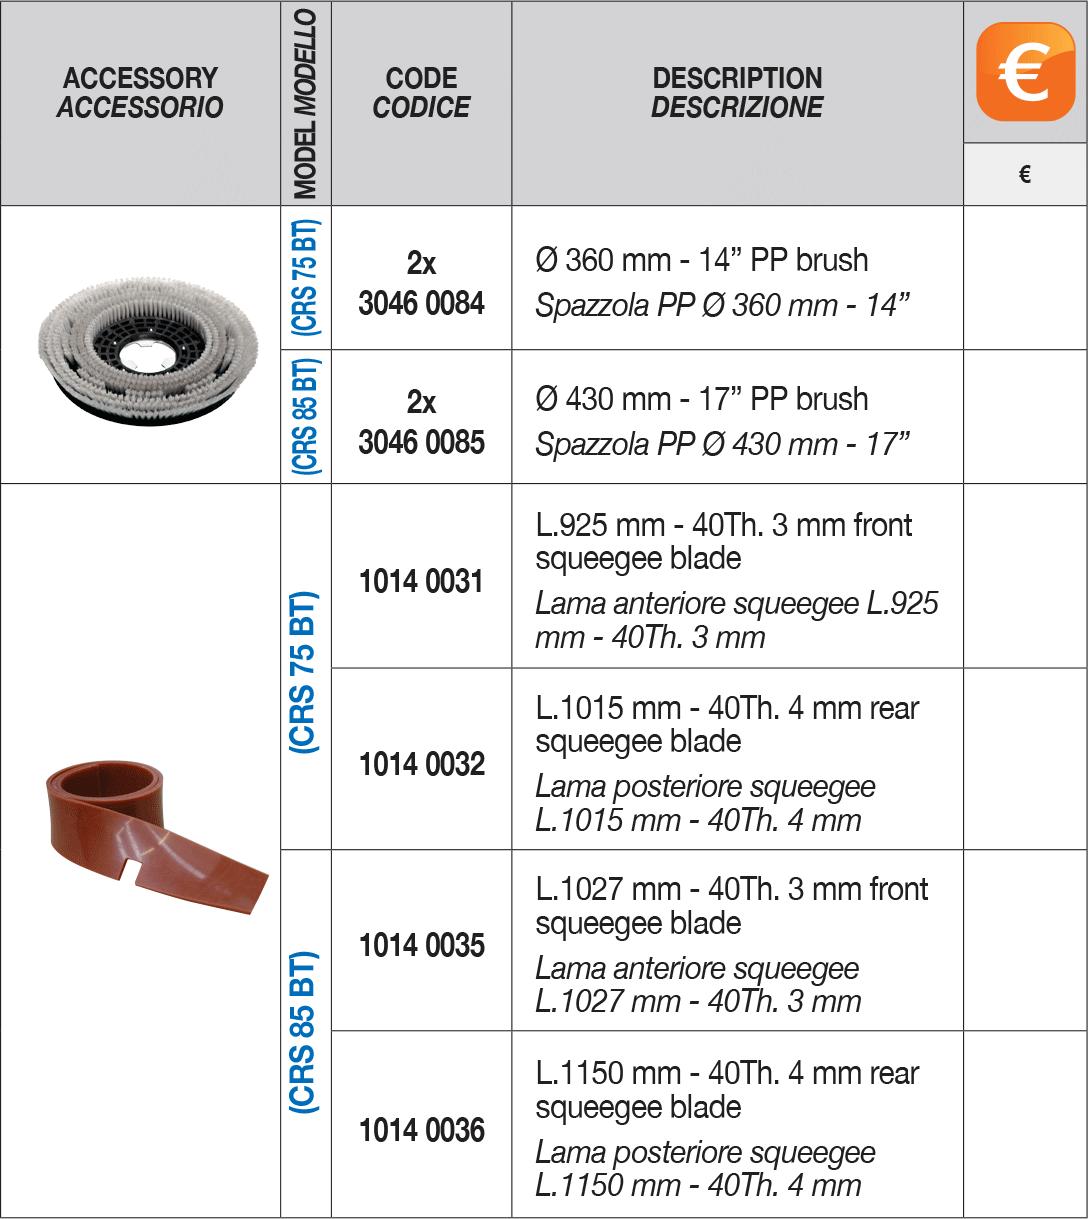 crs 75 85 bt standard accessories Comet